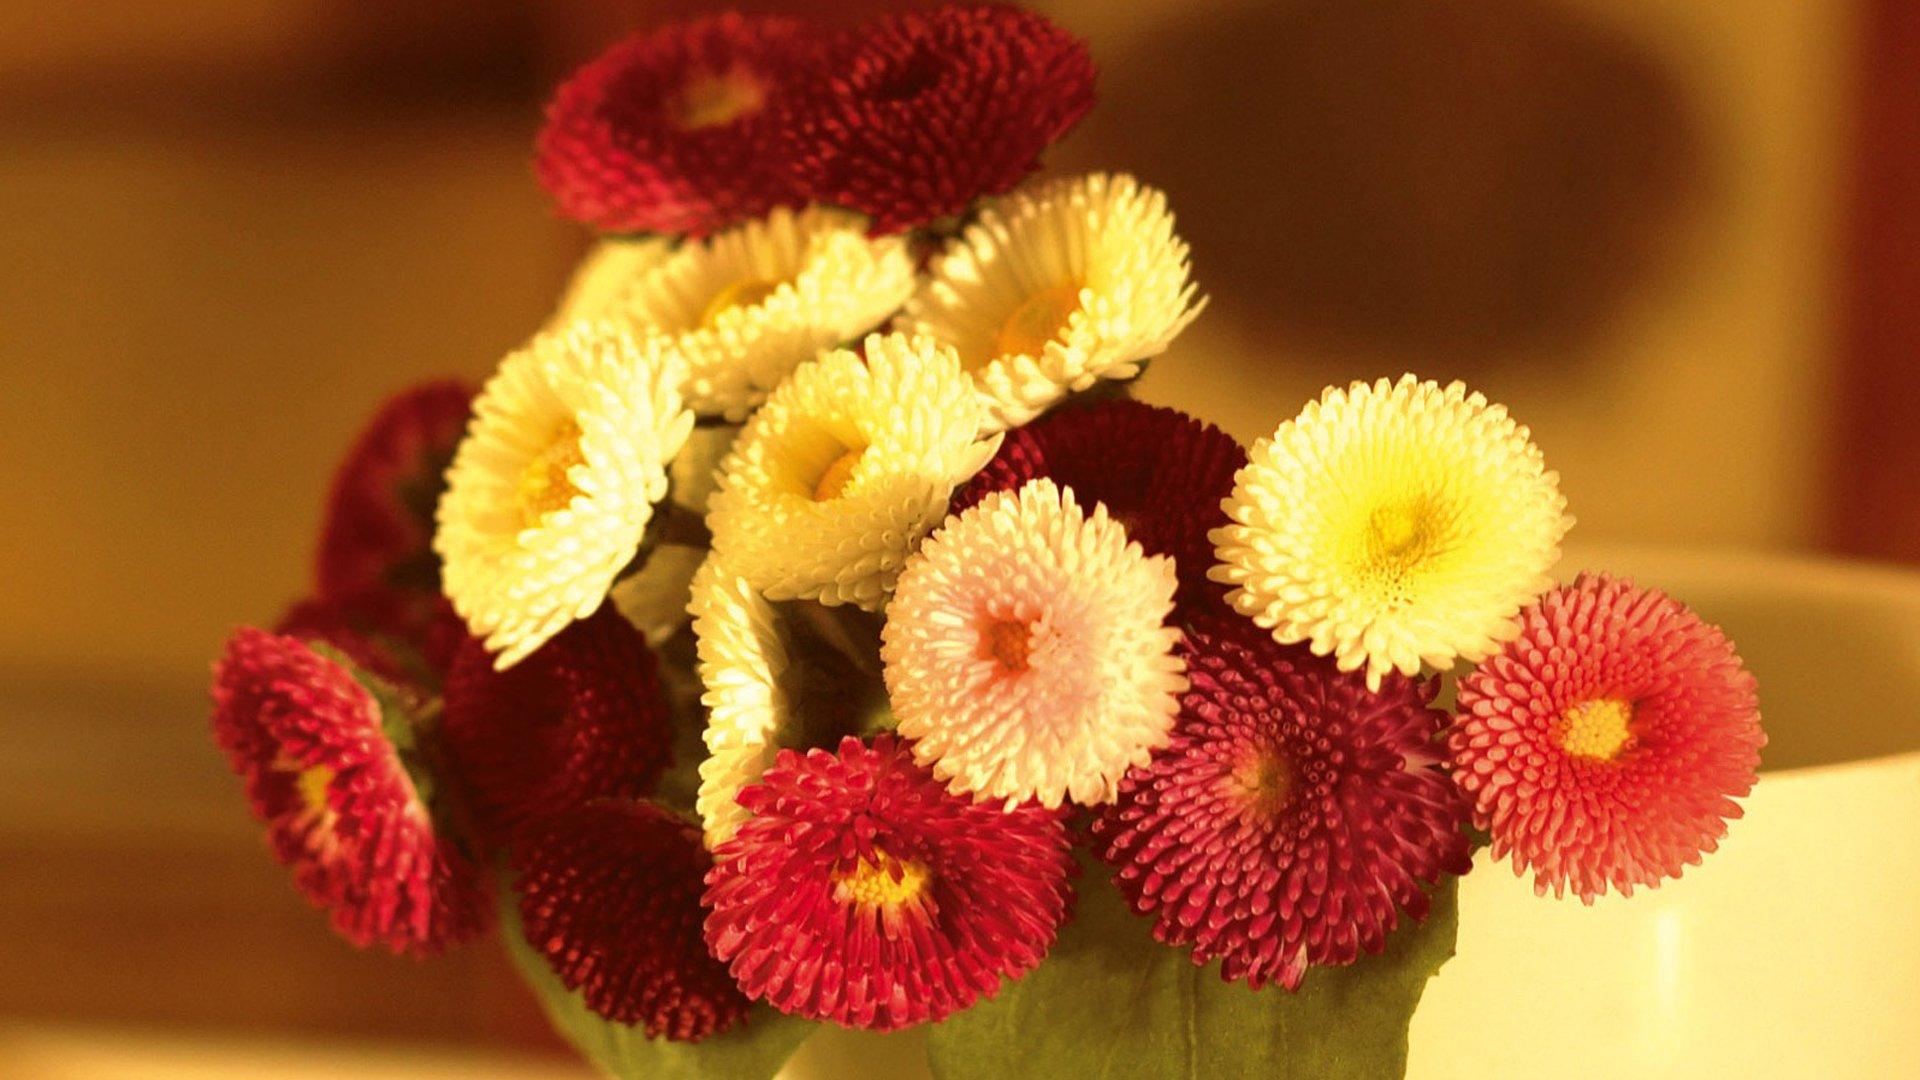 Hoa bất tử nhỏ xinh màu vàng màu đỏ